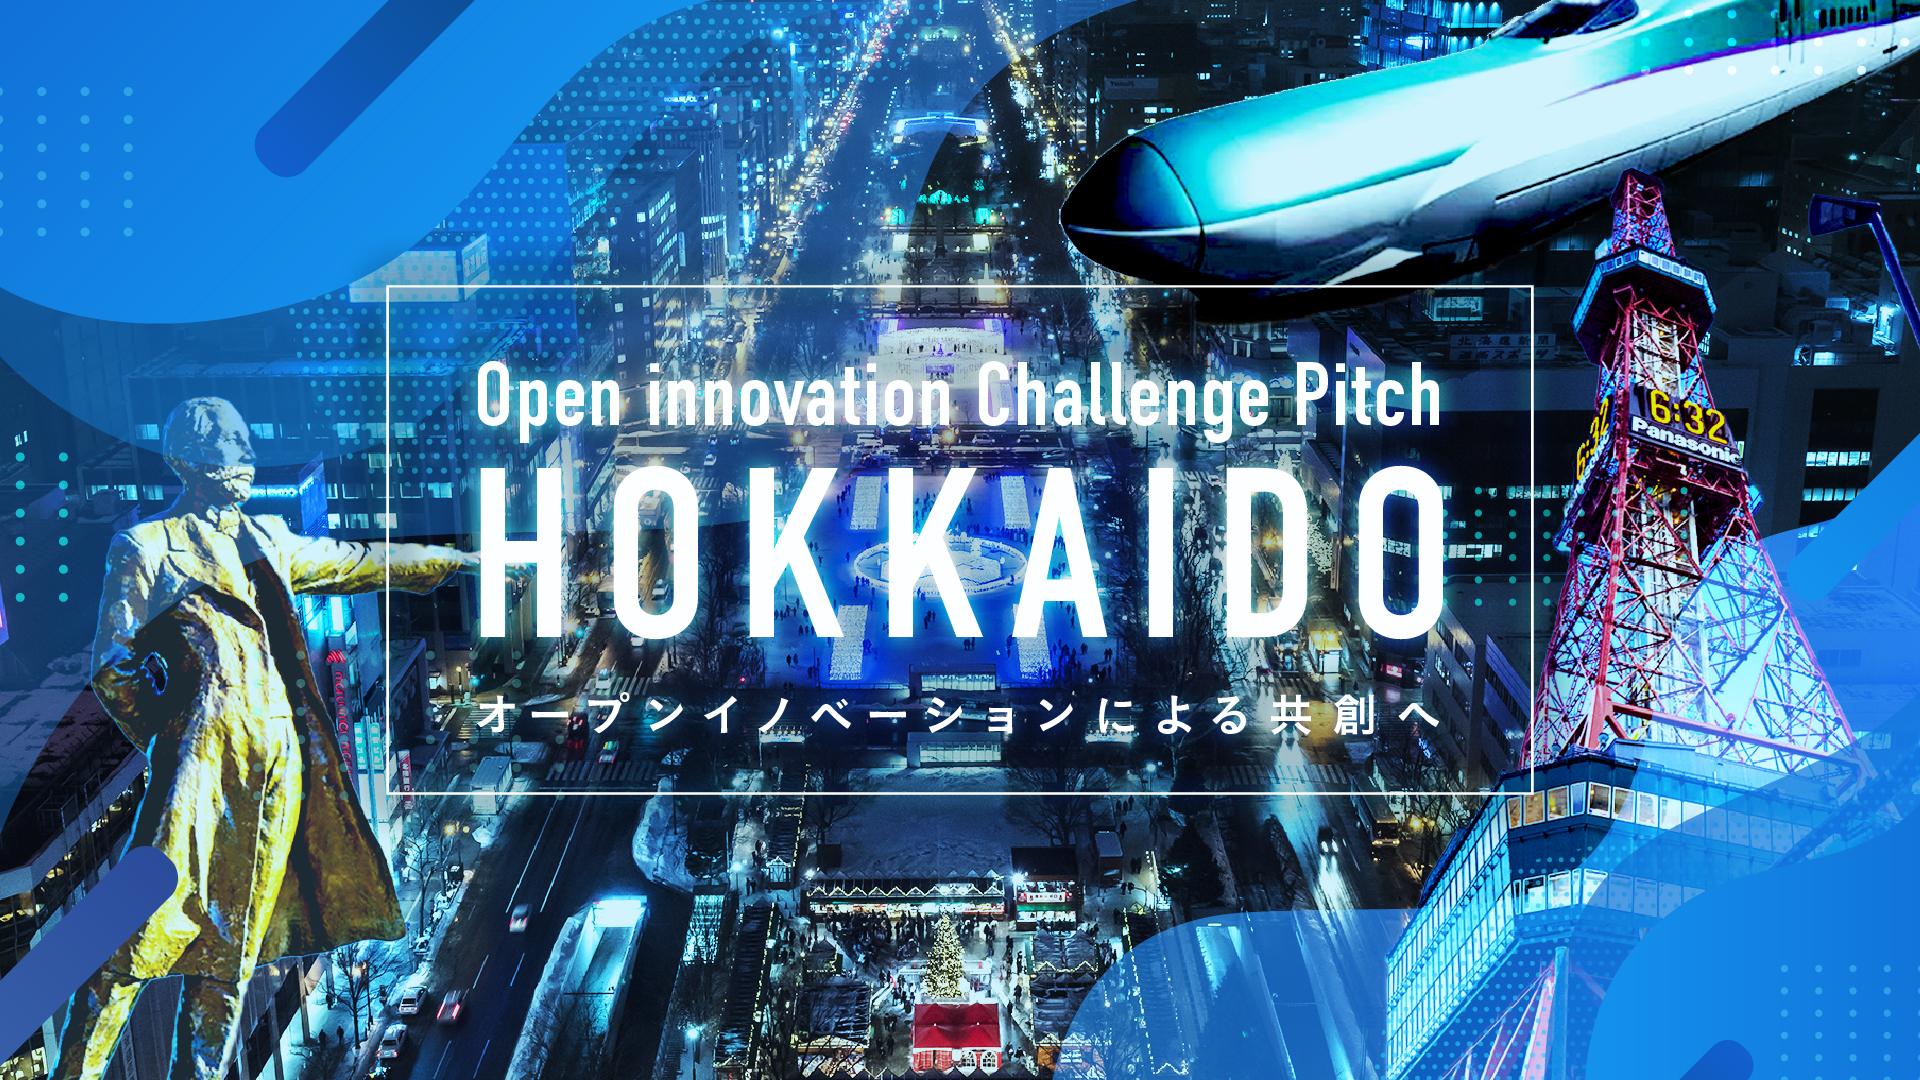 大企業と新たなビジネスを開拓する!Open innovation Challenge Pitch HOKKAIDOの締め切り迫る